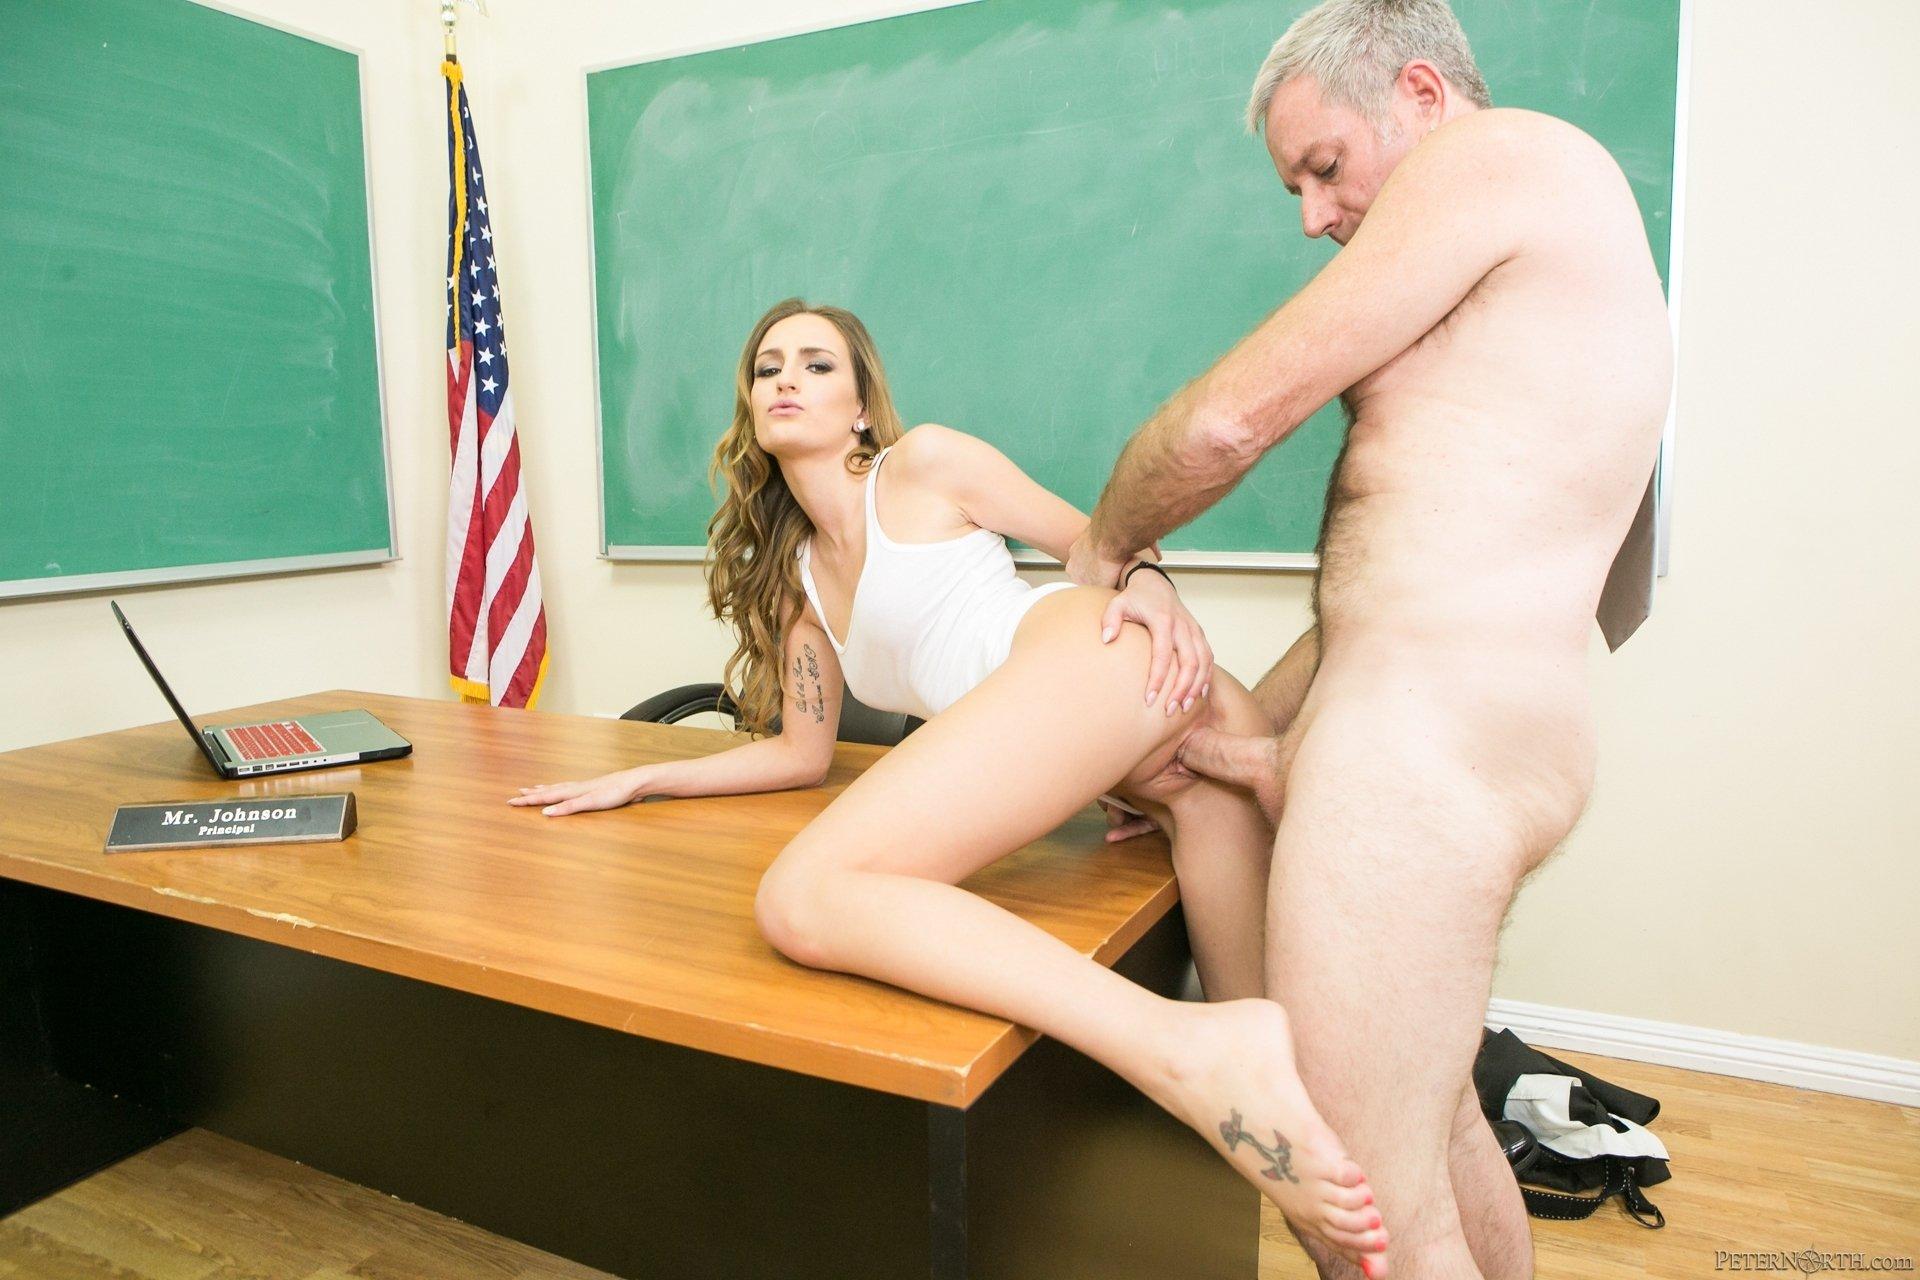 Hot Teacher Ass Fucking